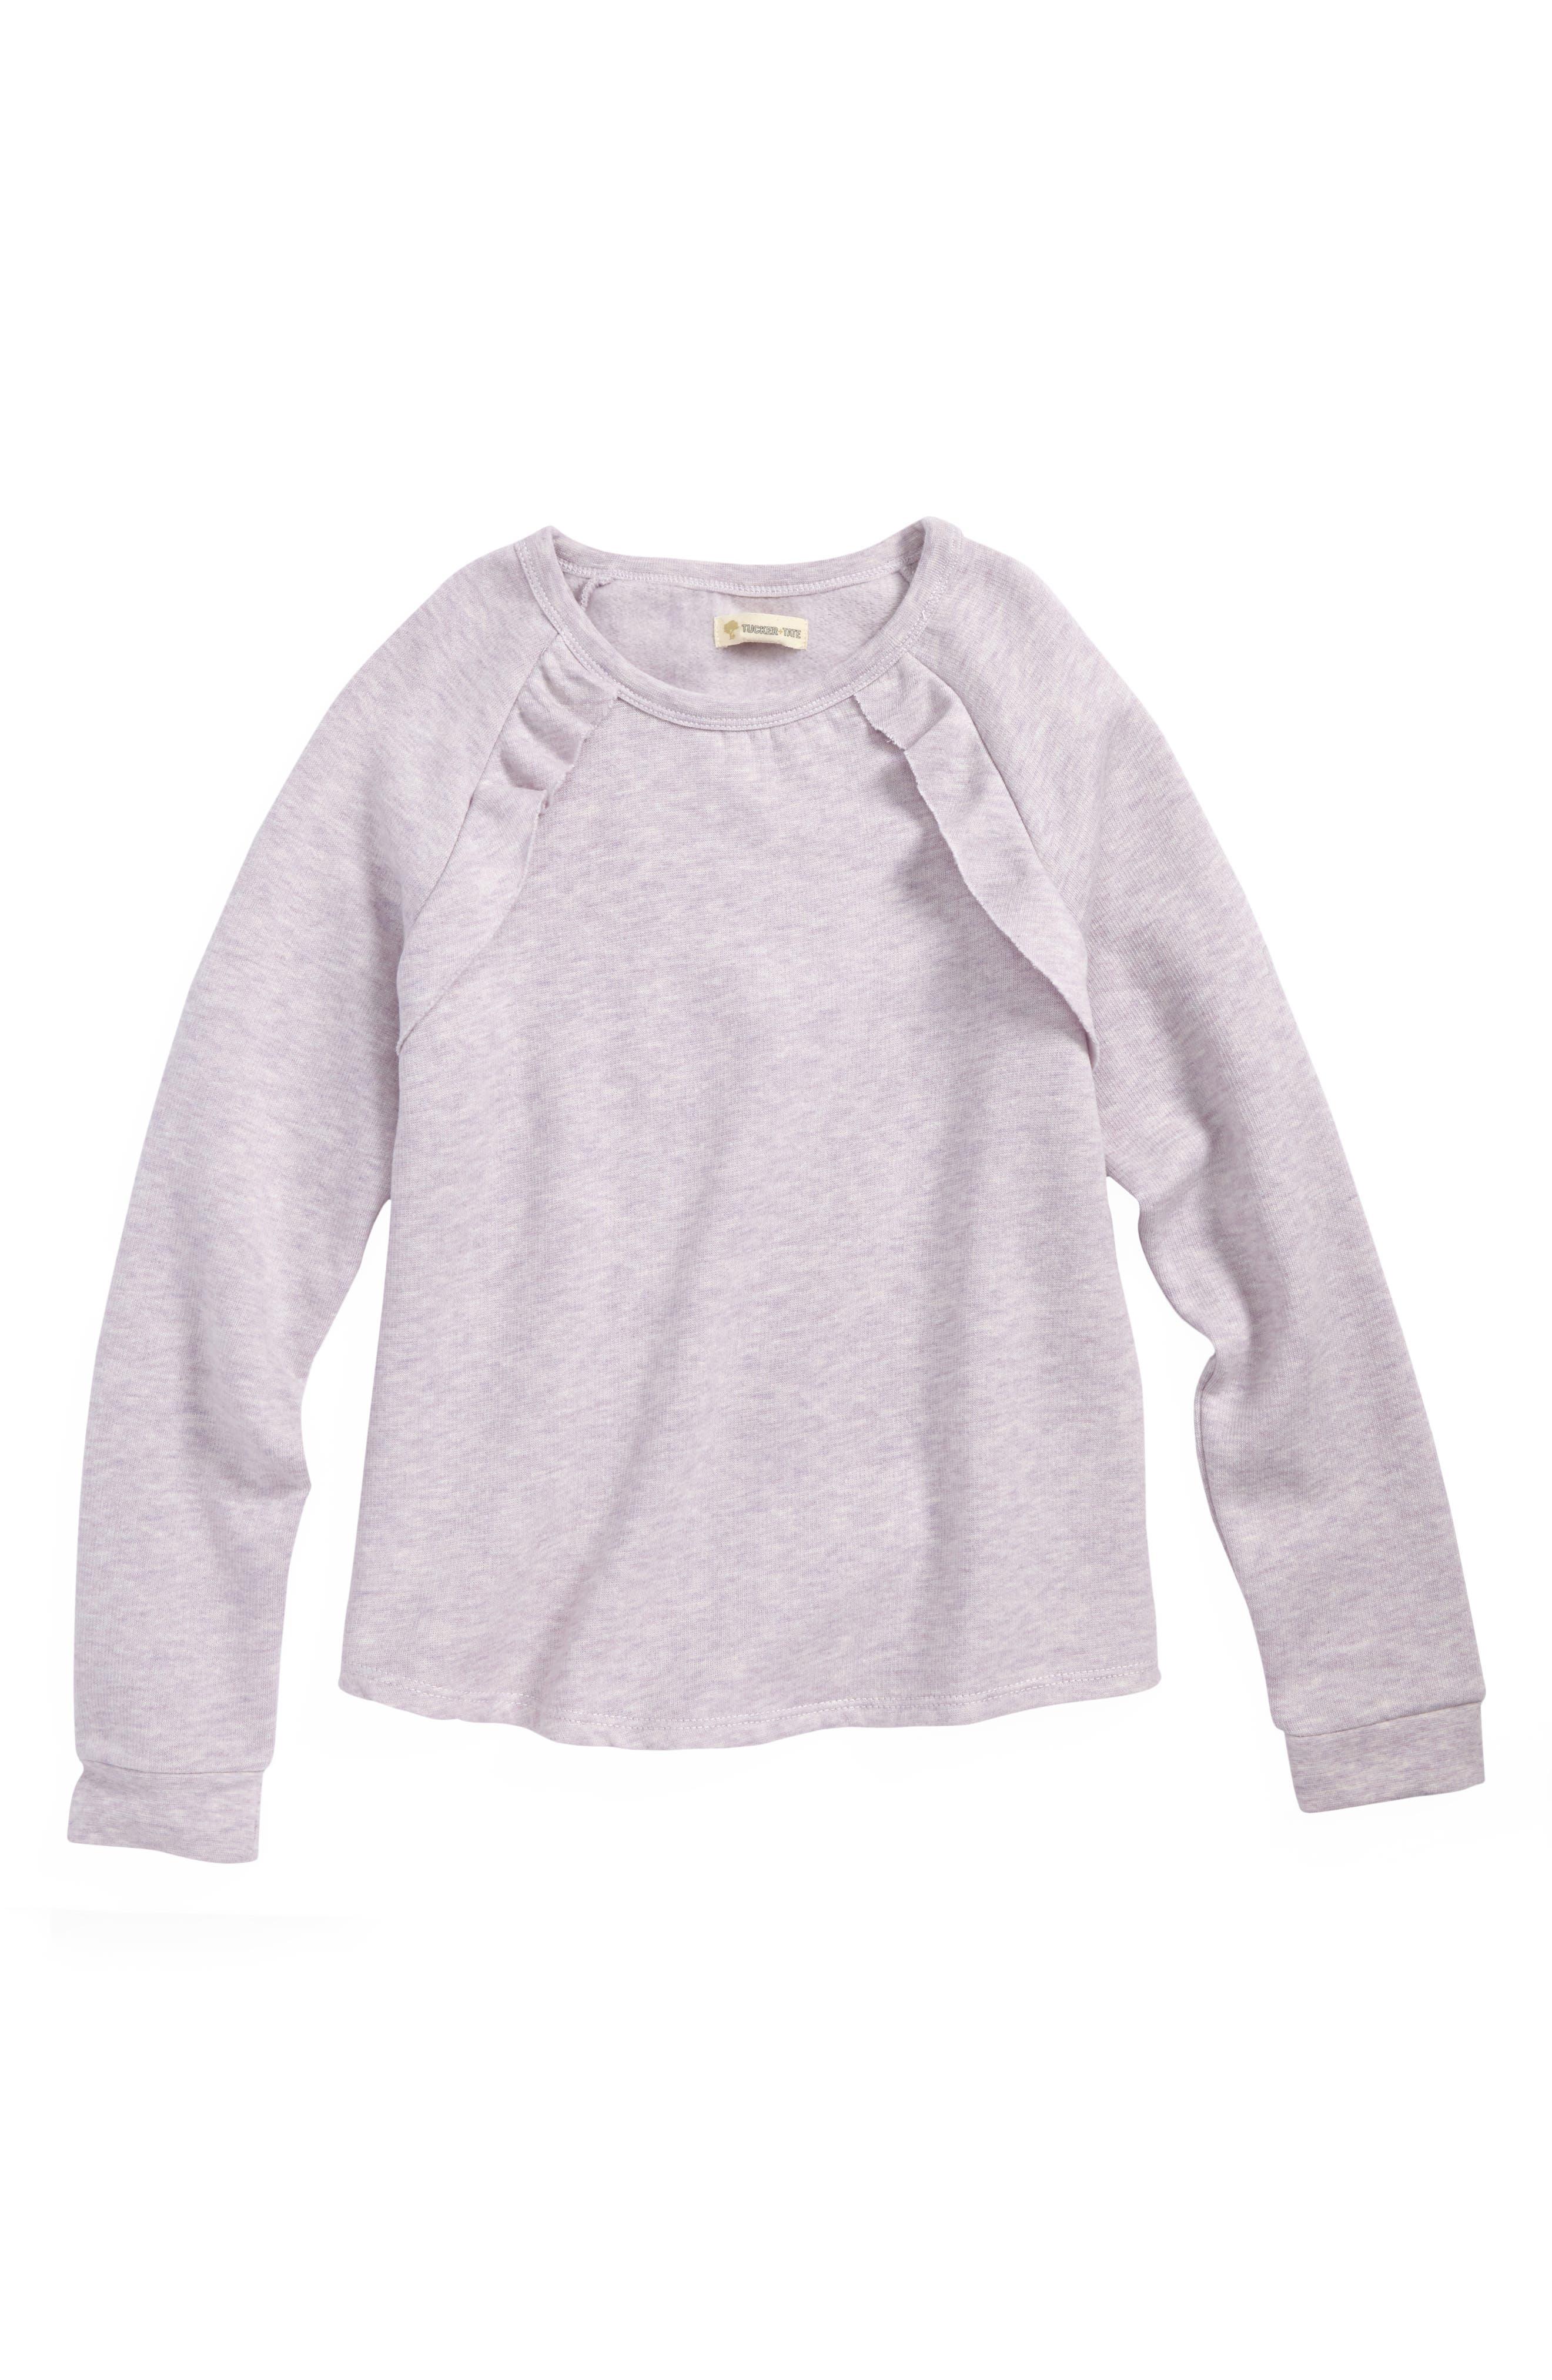 Ruffle Fleece Sweatshirt,                             Main thumbnail 1, color,                             PURPLE PETAL HEATHER